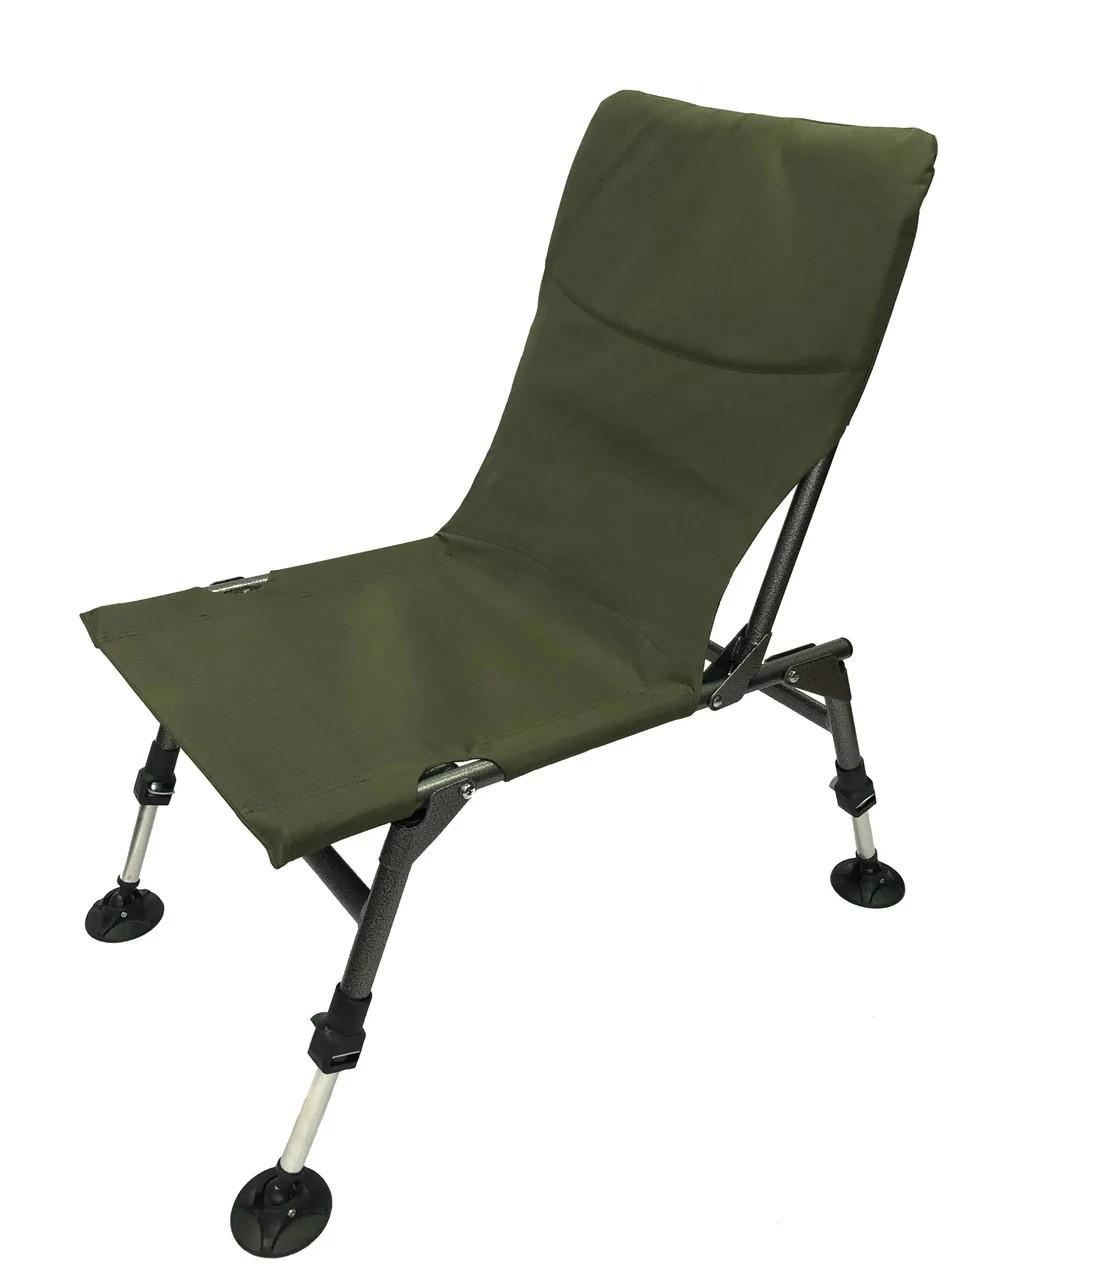 Коропове крісло vario compact для риболовлі, без підлокітників, водонепроникне до 120кг (2414)